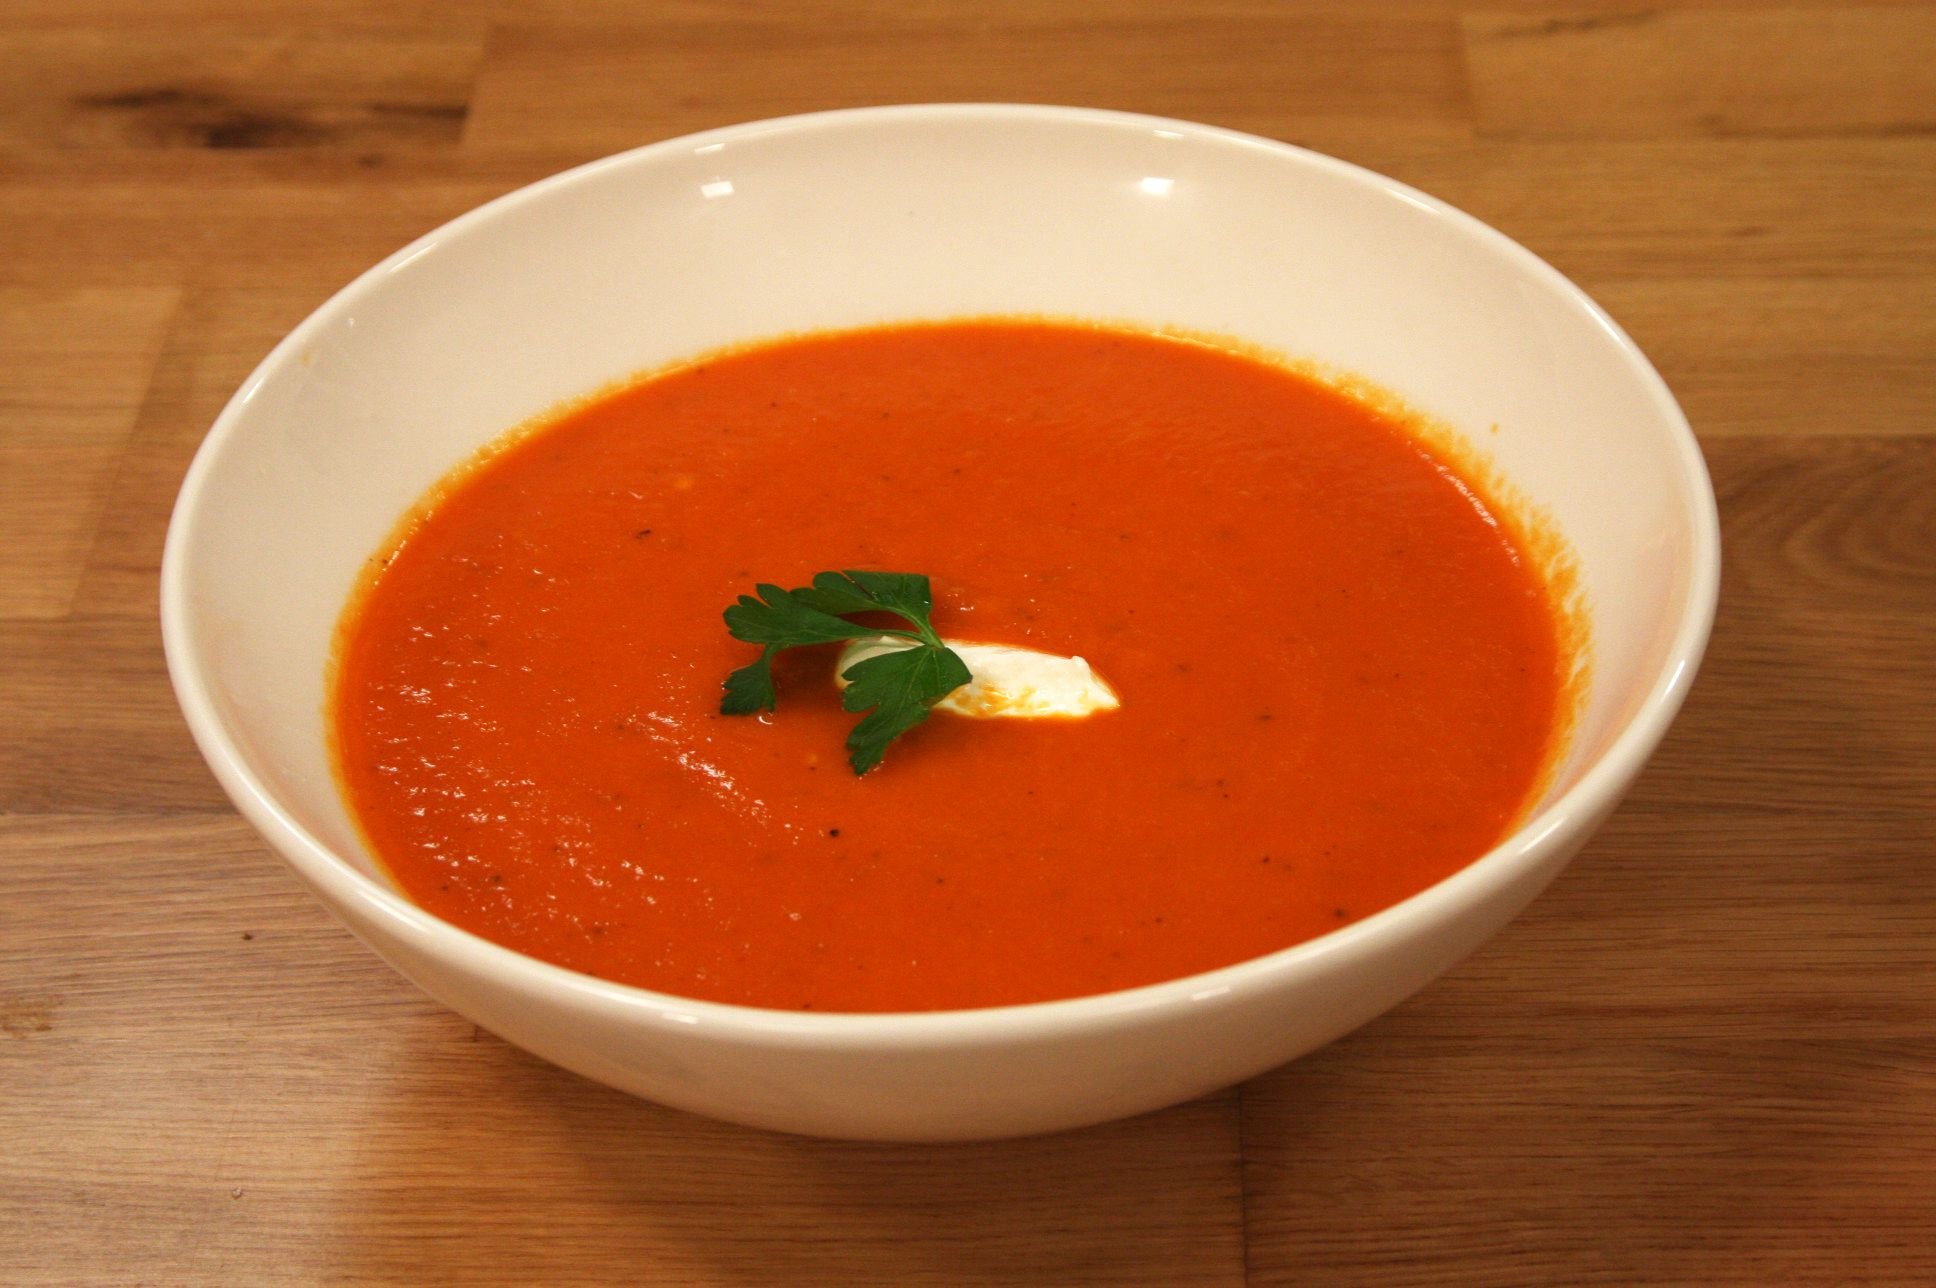 Kırmızı Köz Biber Çorbası: Malzemeler: 6 adet kırmızı dolma biber 1 ade…